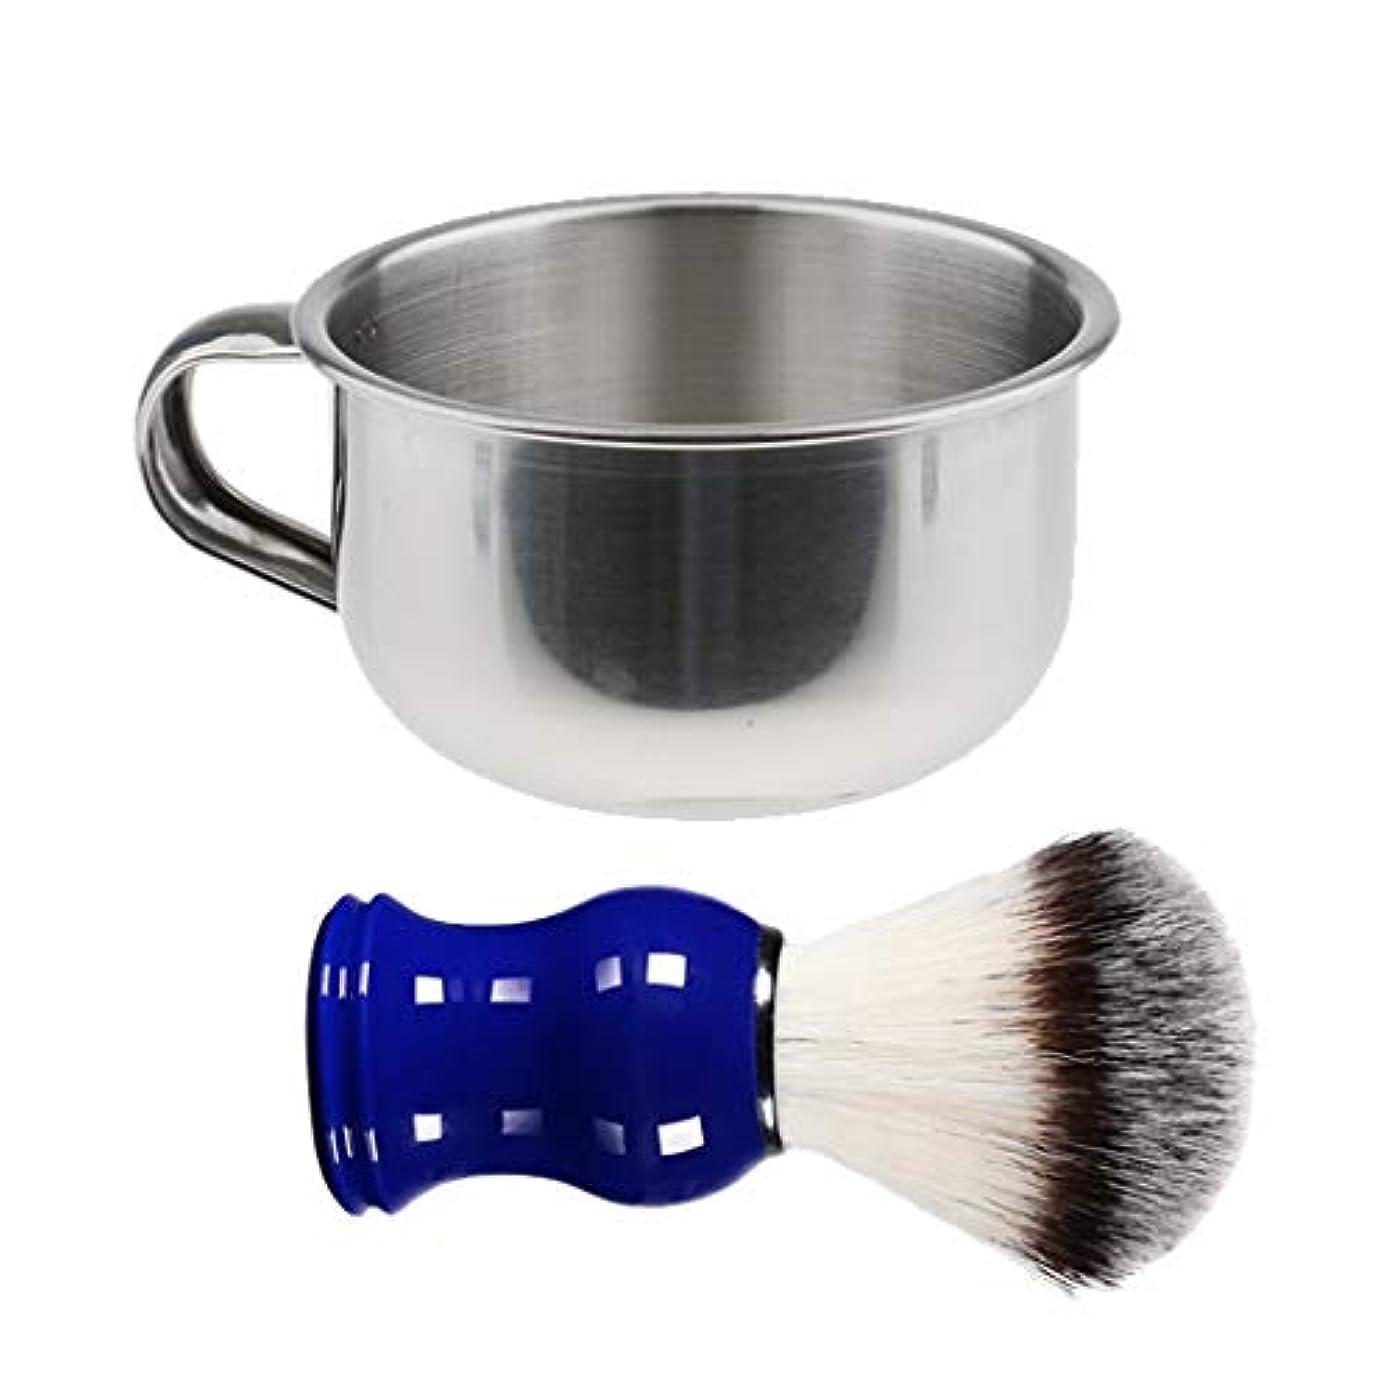 スペード骨髄悪用シェービング マグ ボウル カップ メンズ シェービングブラシ 理容 洗顔 髭剃り 泡立ち ギフト